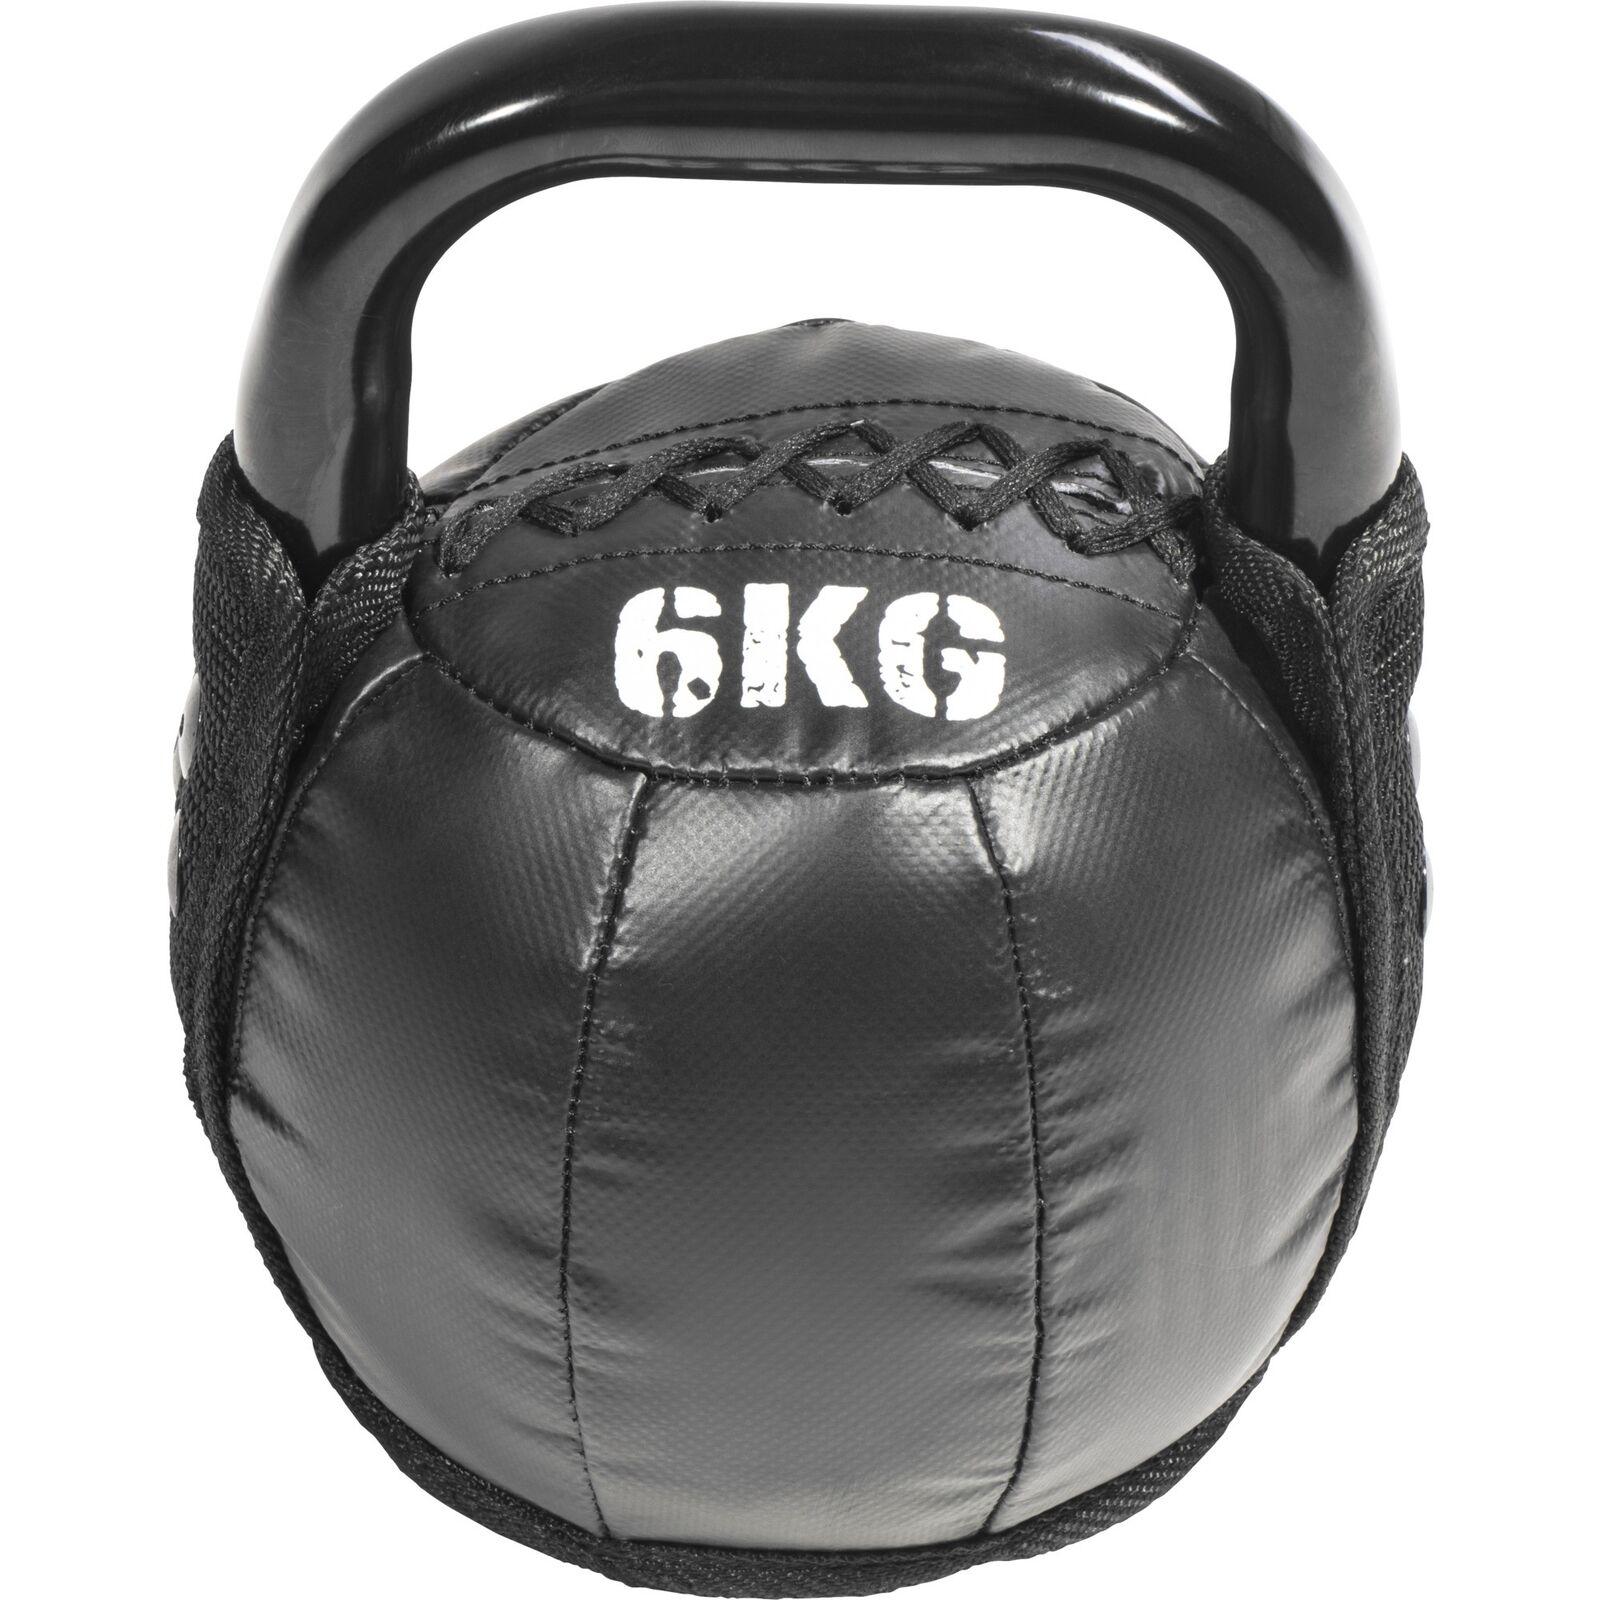 Gorilla Sports Kettlebell Kugelhantel Handgewicht Leder 4-10 4-10 4-10 kg a97261